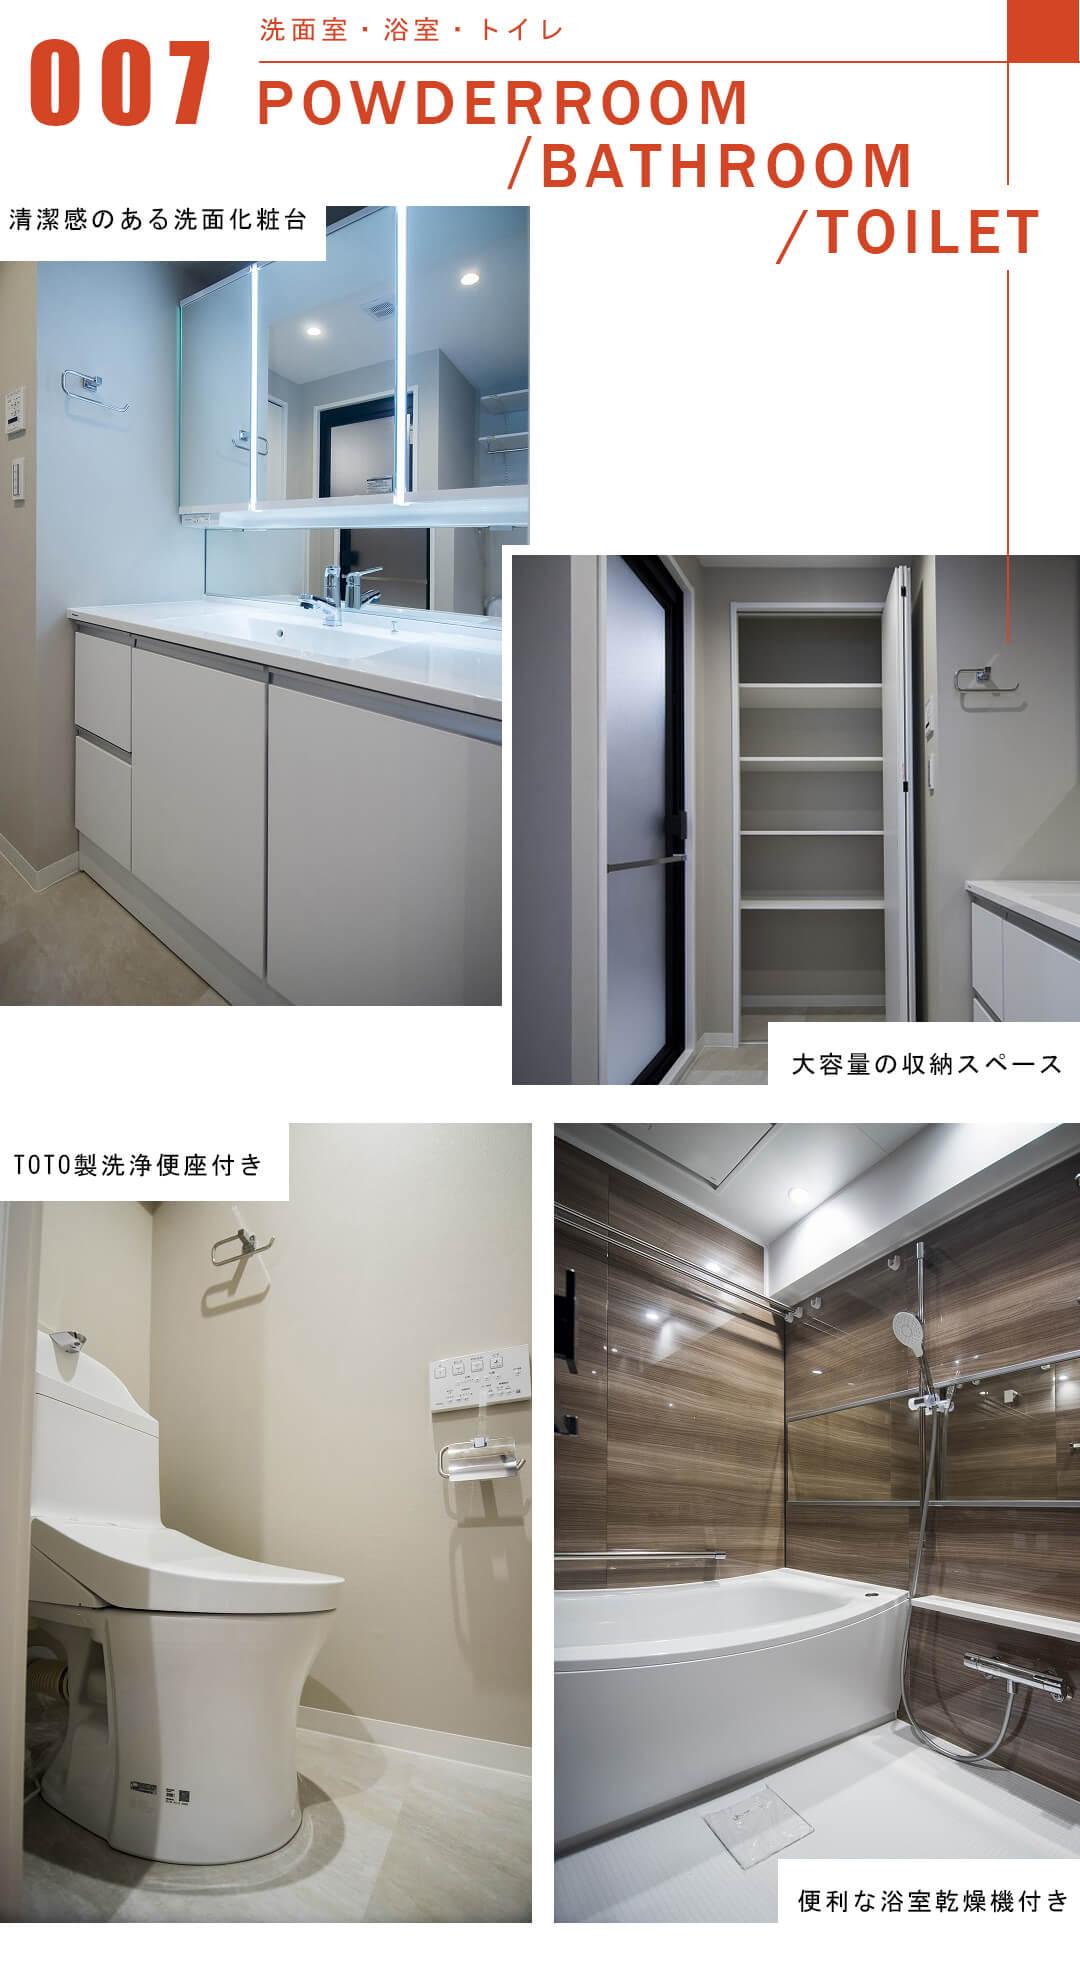 サンマンション青葉台ガーデンの洗面室と浴室とトイレ